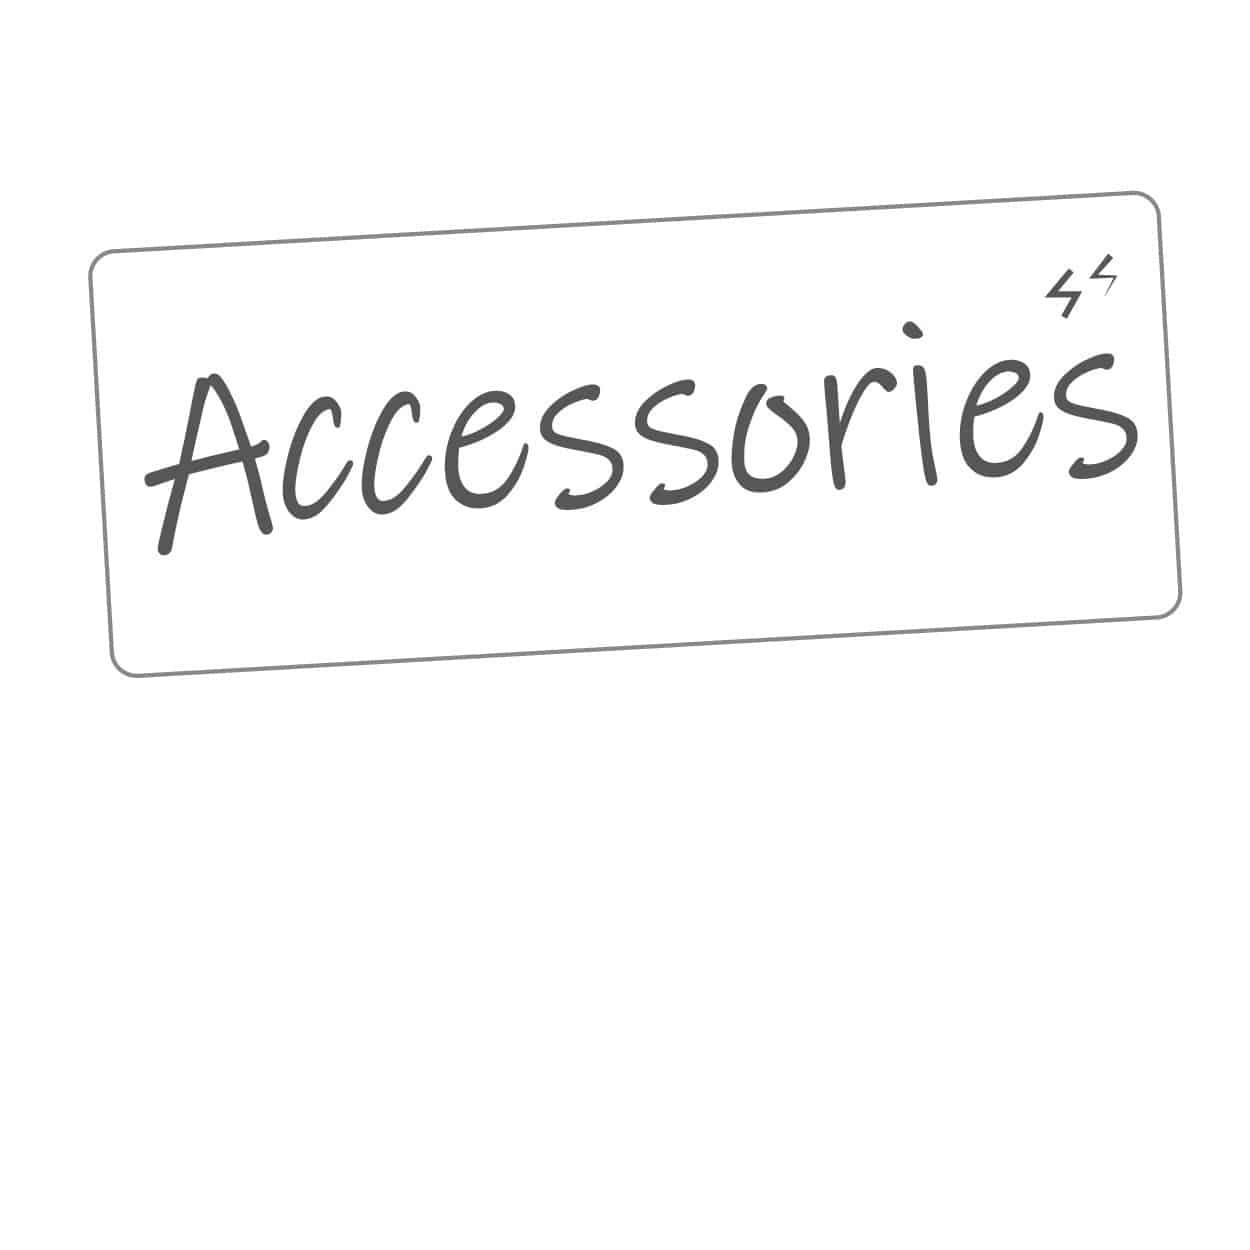 周邊商品及配件